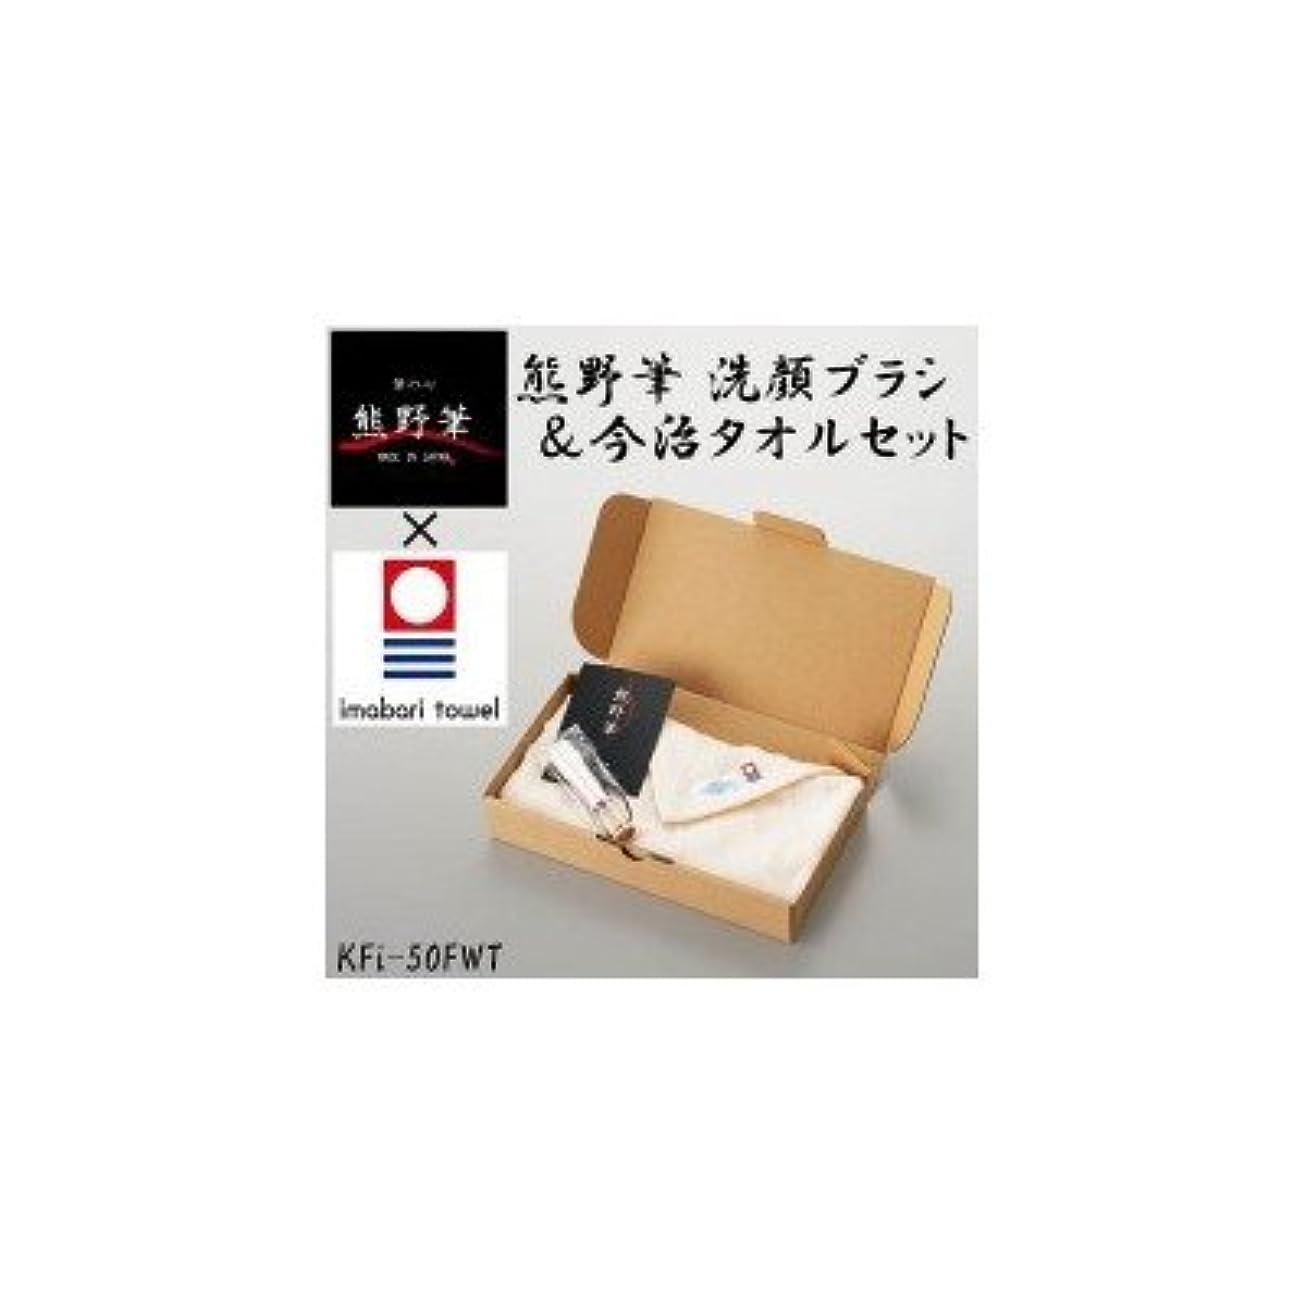 種請求書遠え熊野筆と今治タオルのコラボレーション 熊野筆 洗顔ブラシ&今治タオルセット KFi-50FWT